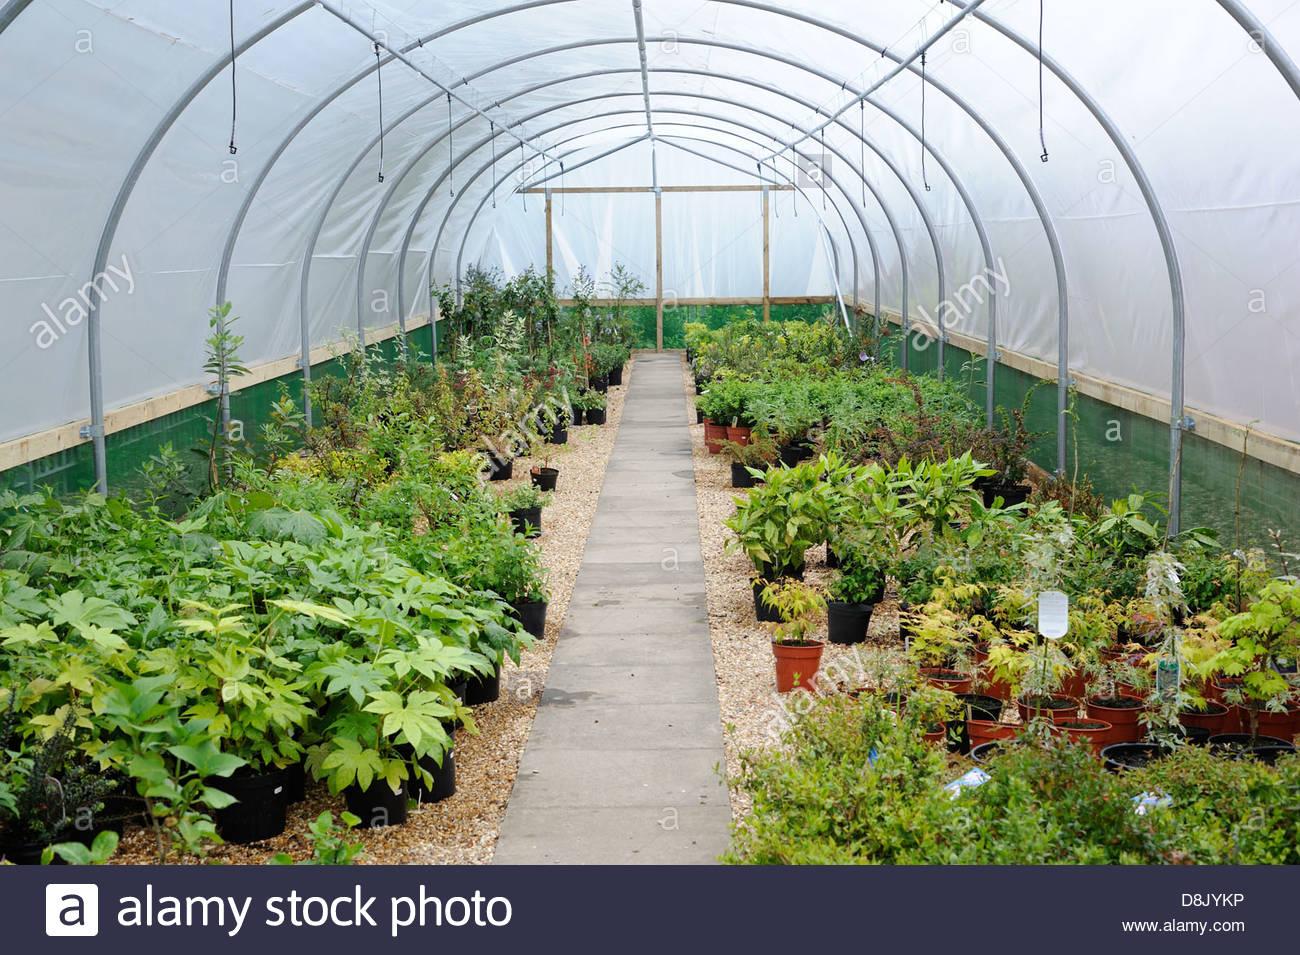 Garden Nursery. - Stock Image